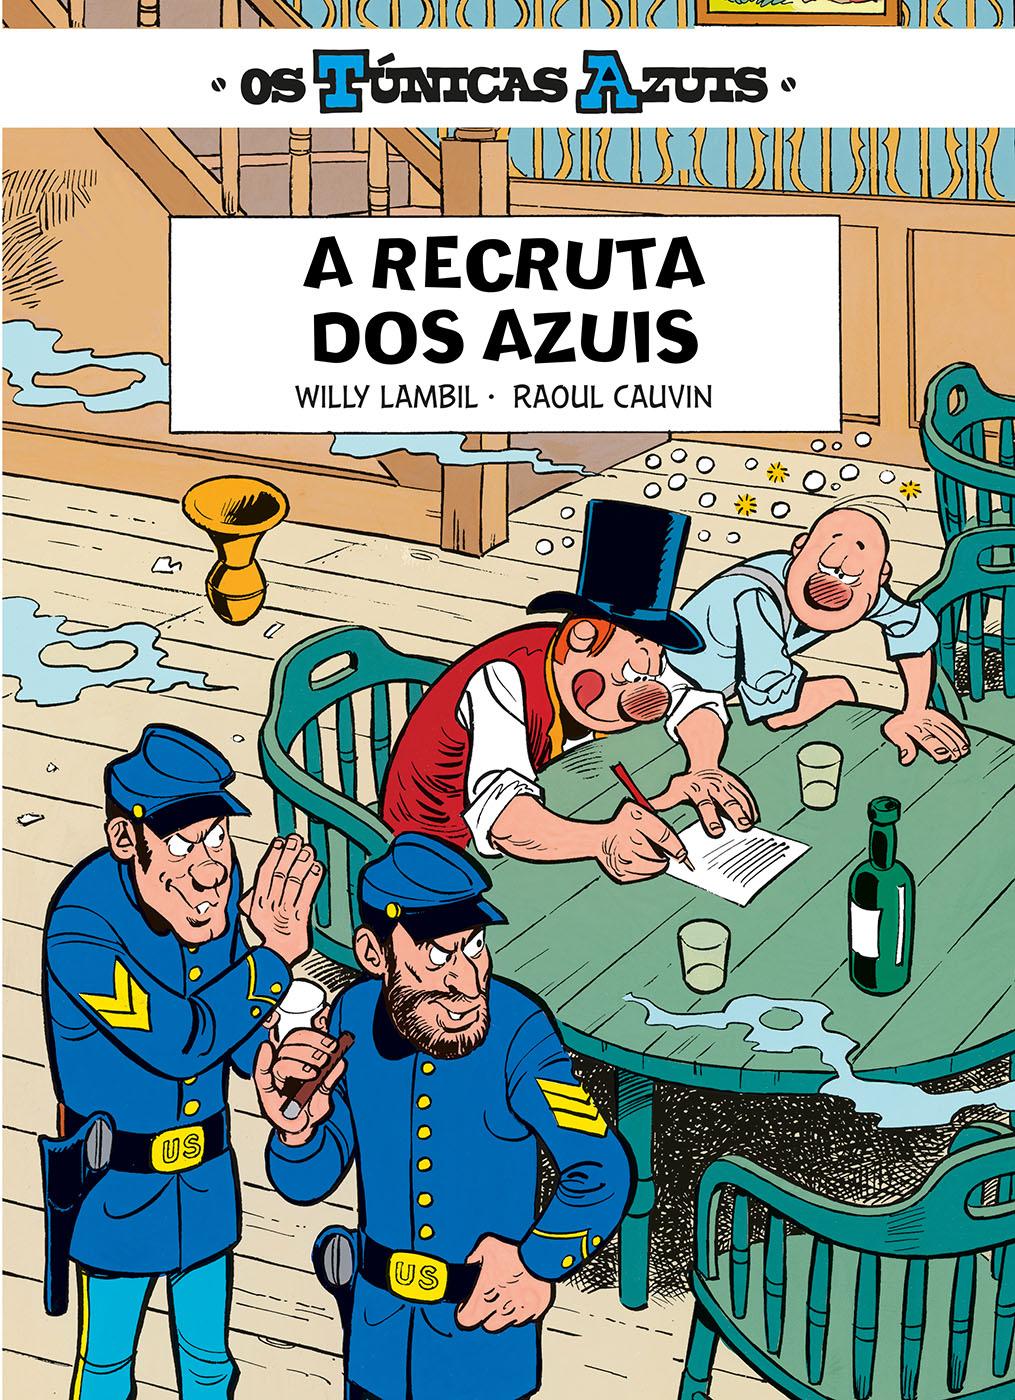 Os Túnicas Azuis 15. A Recruta dos Azuis